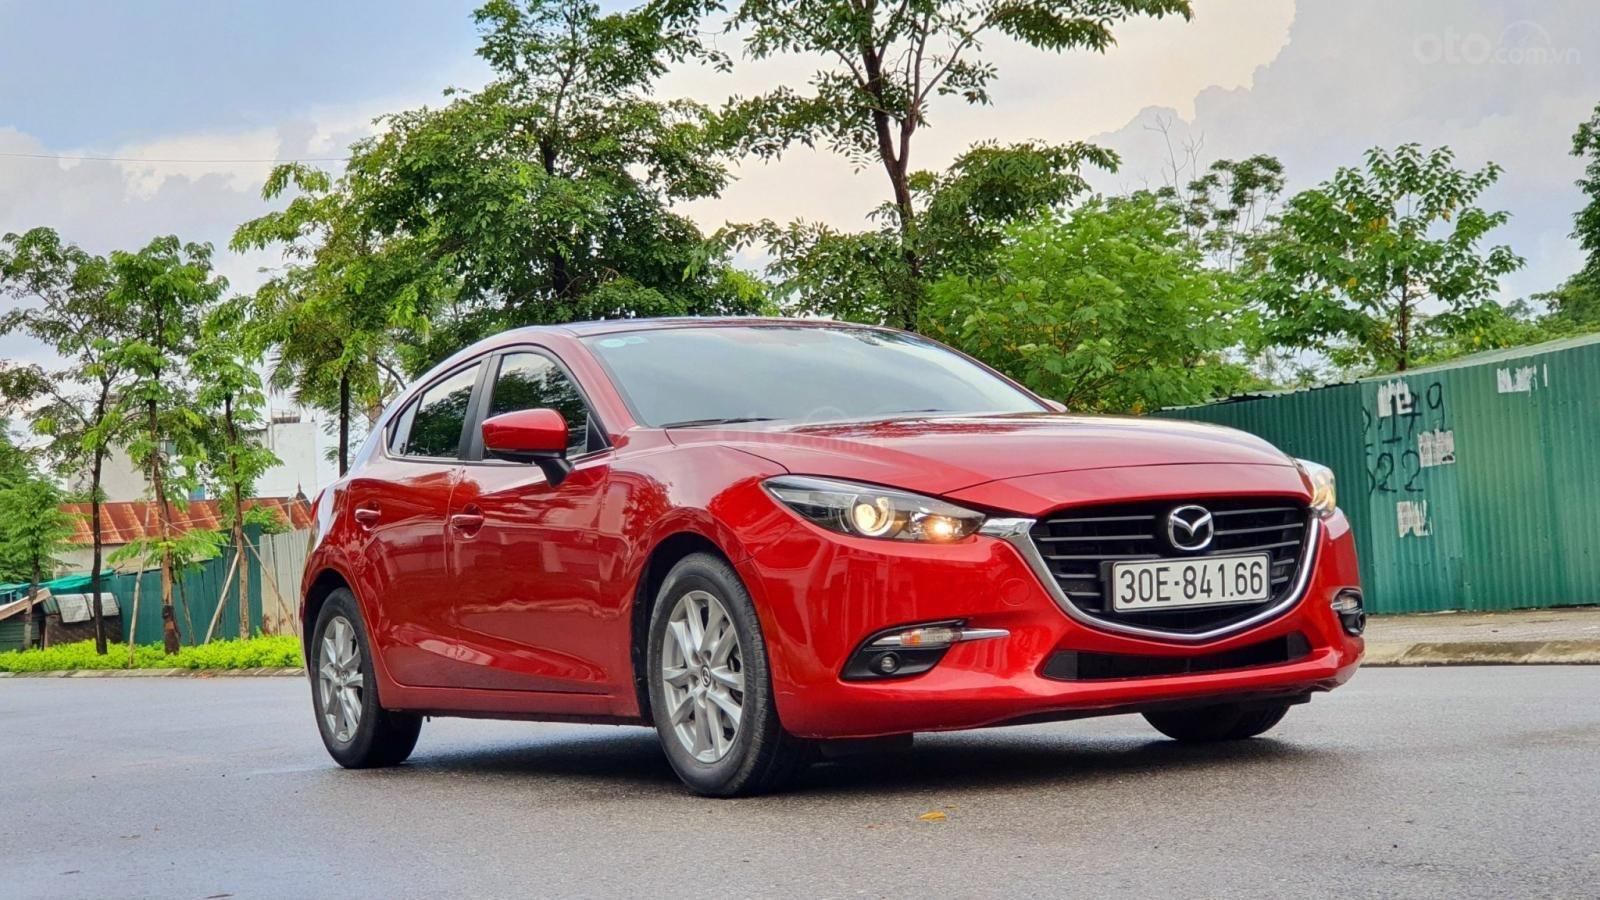 Cần bán xe Mazda 3 FL sản xuất năm 2017 (3)